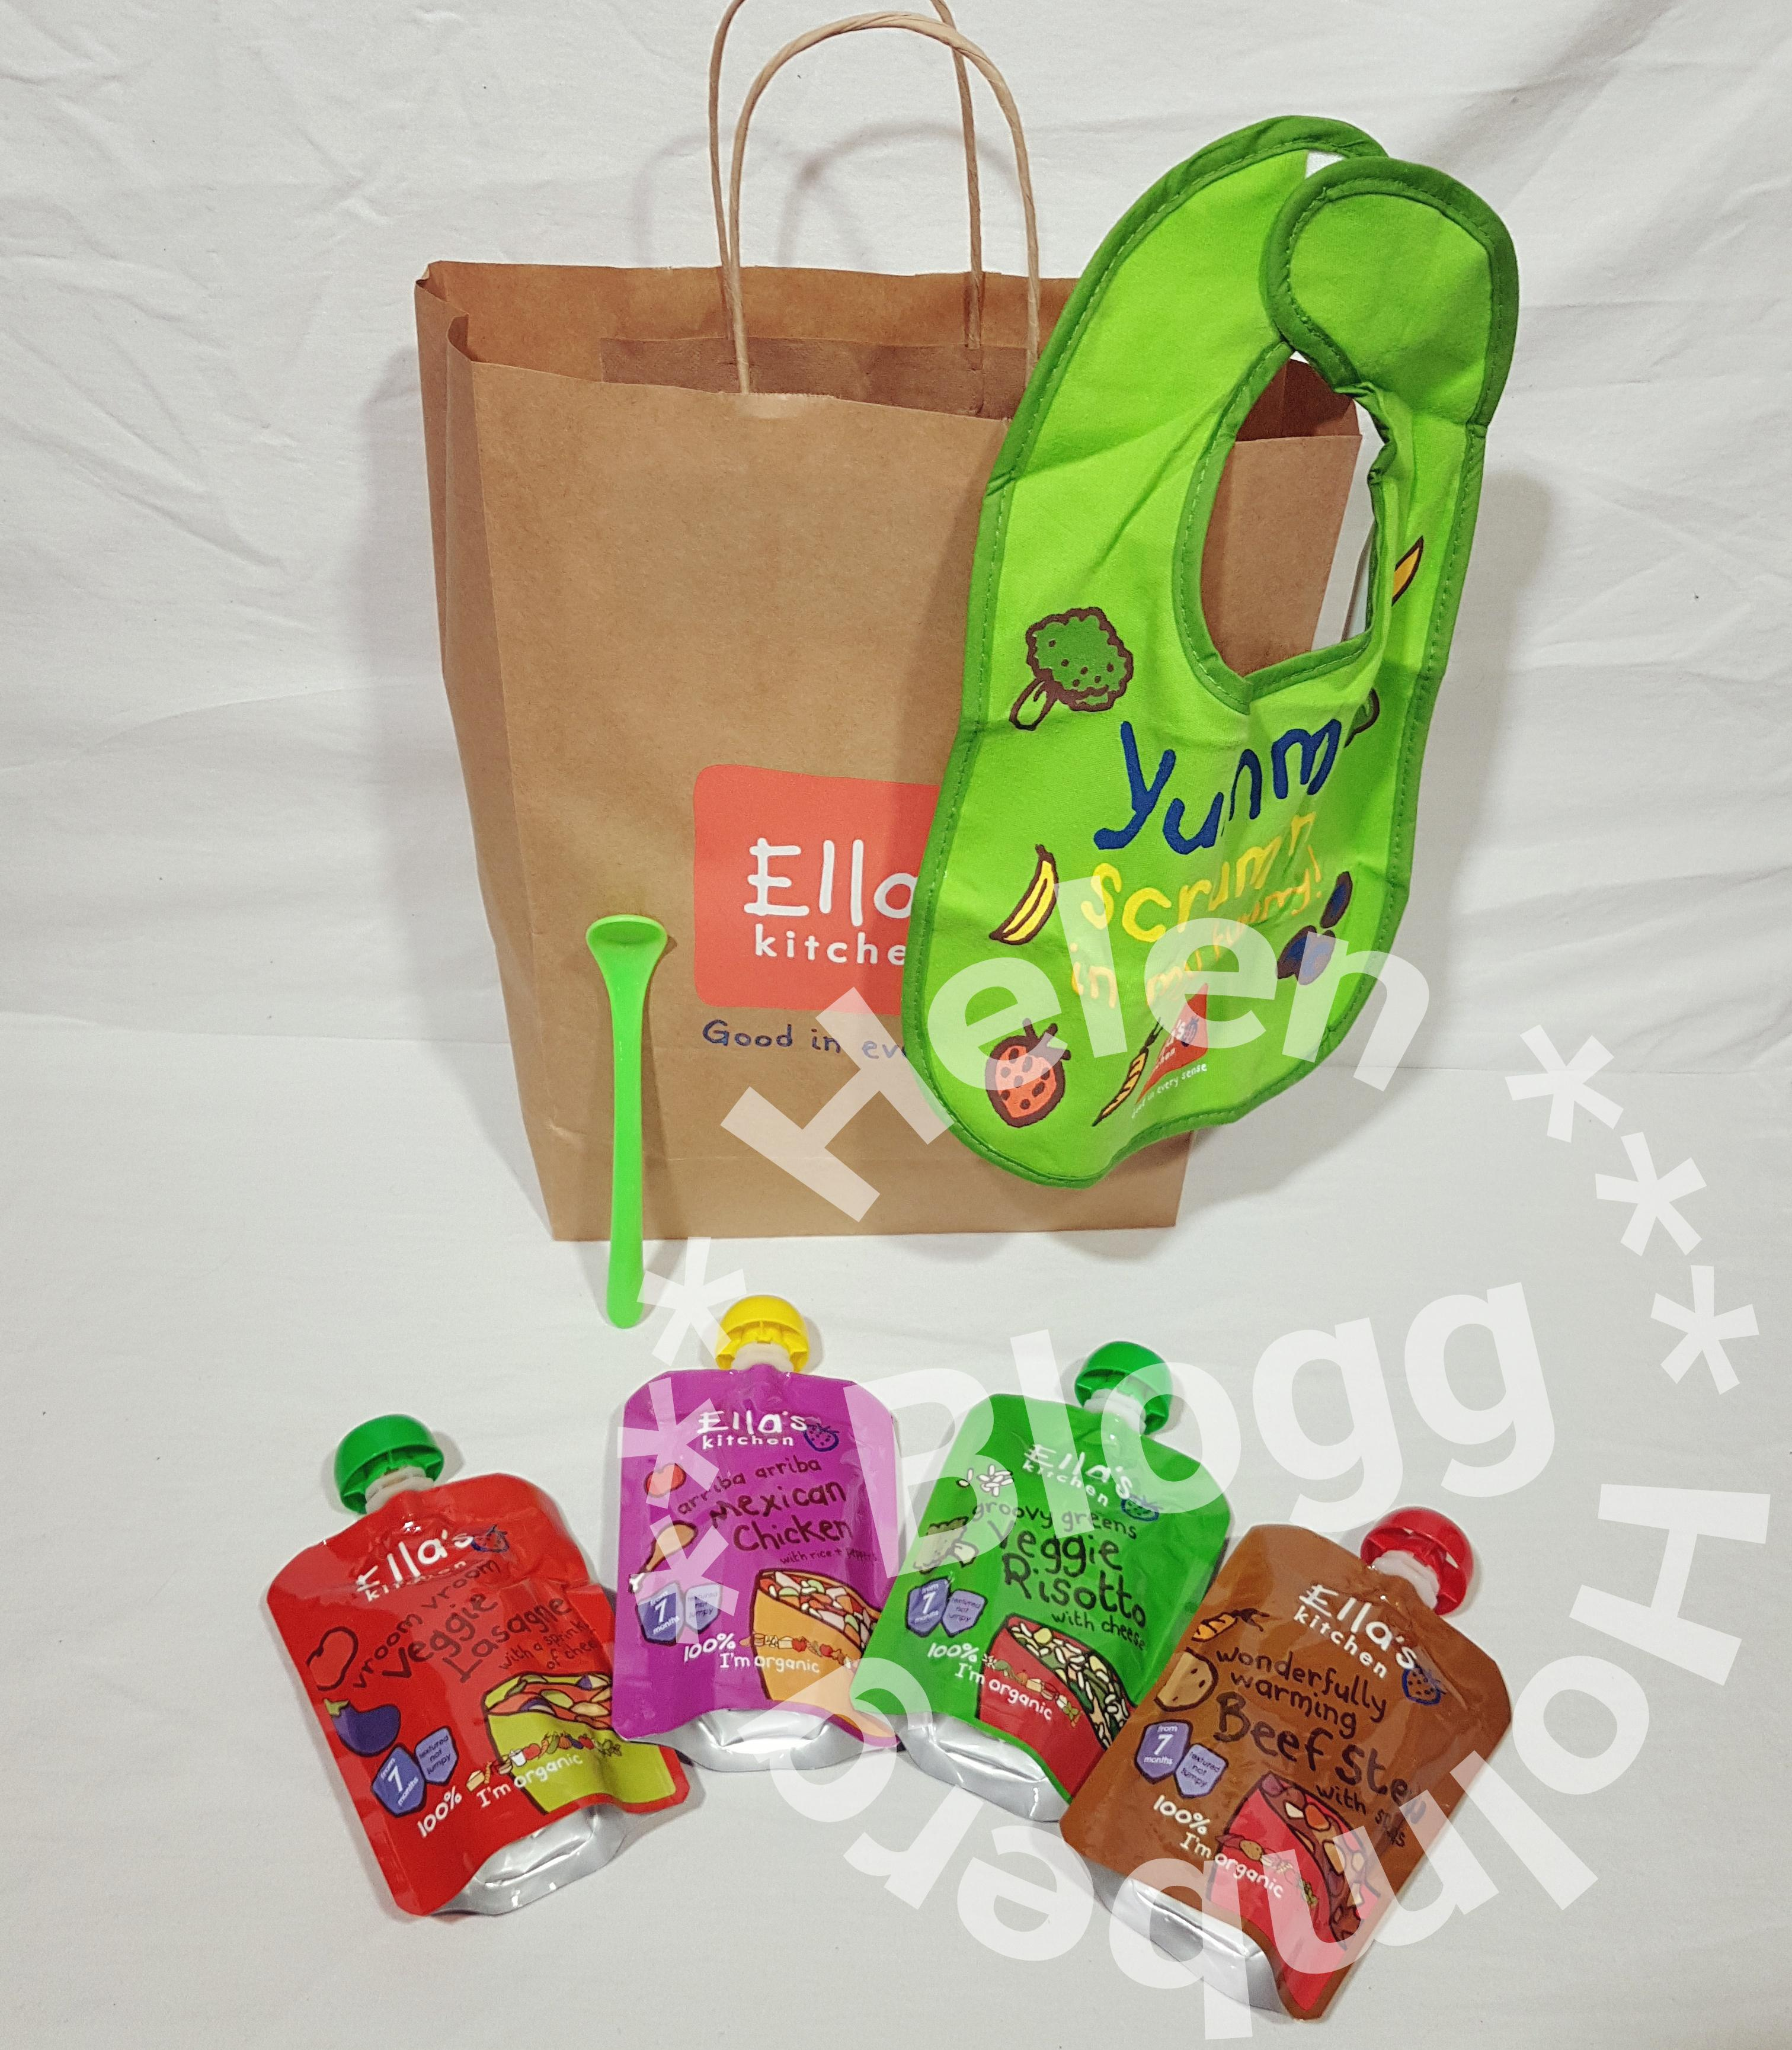 Produktnyheter från Ellas Kitchen Sverige, färdiga middagsmåltider för småbarn